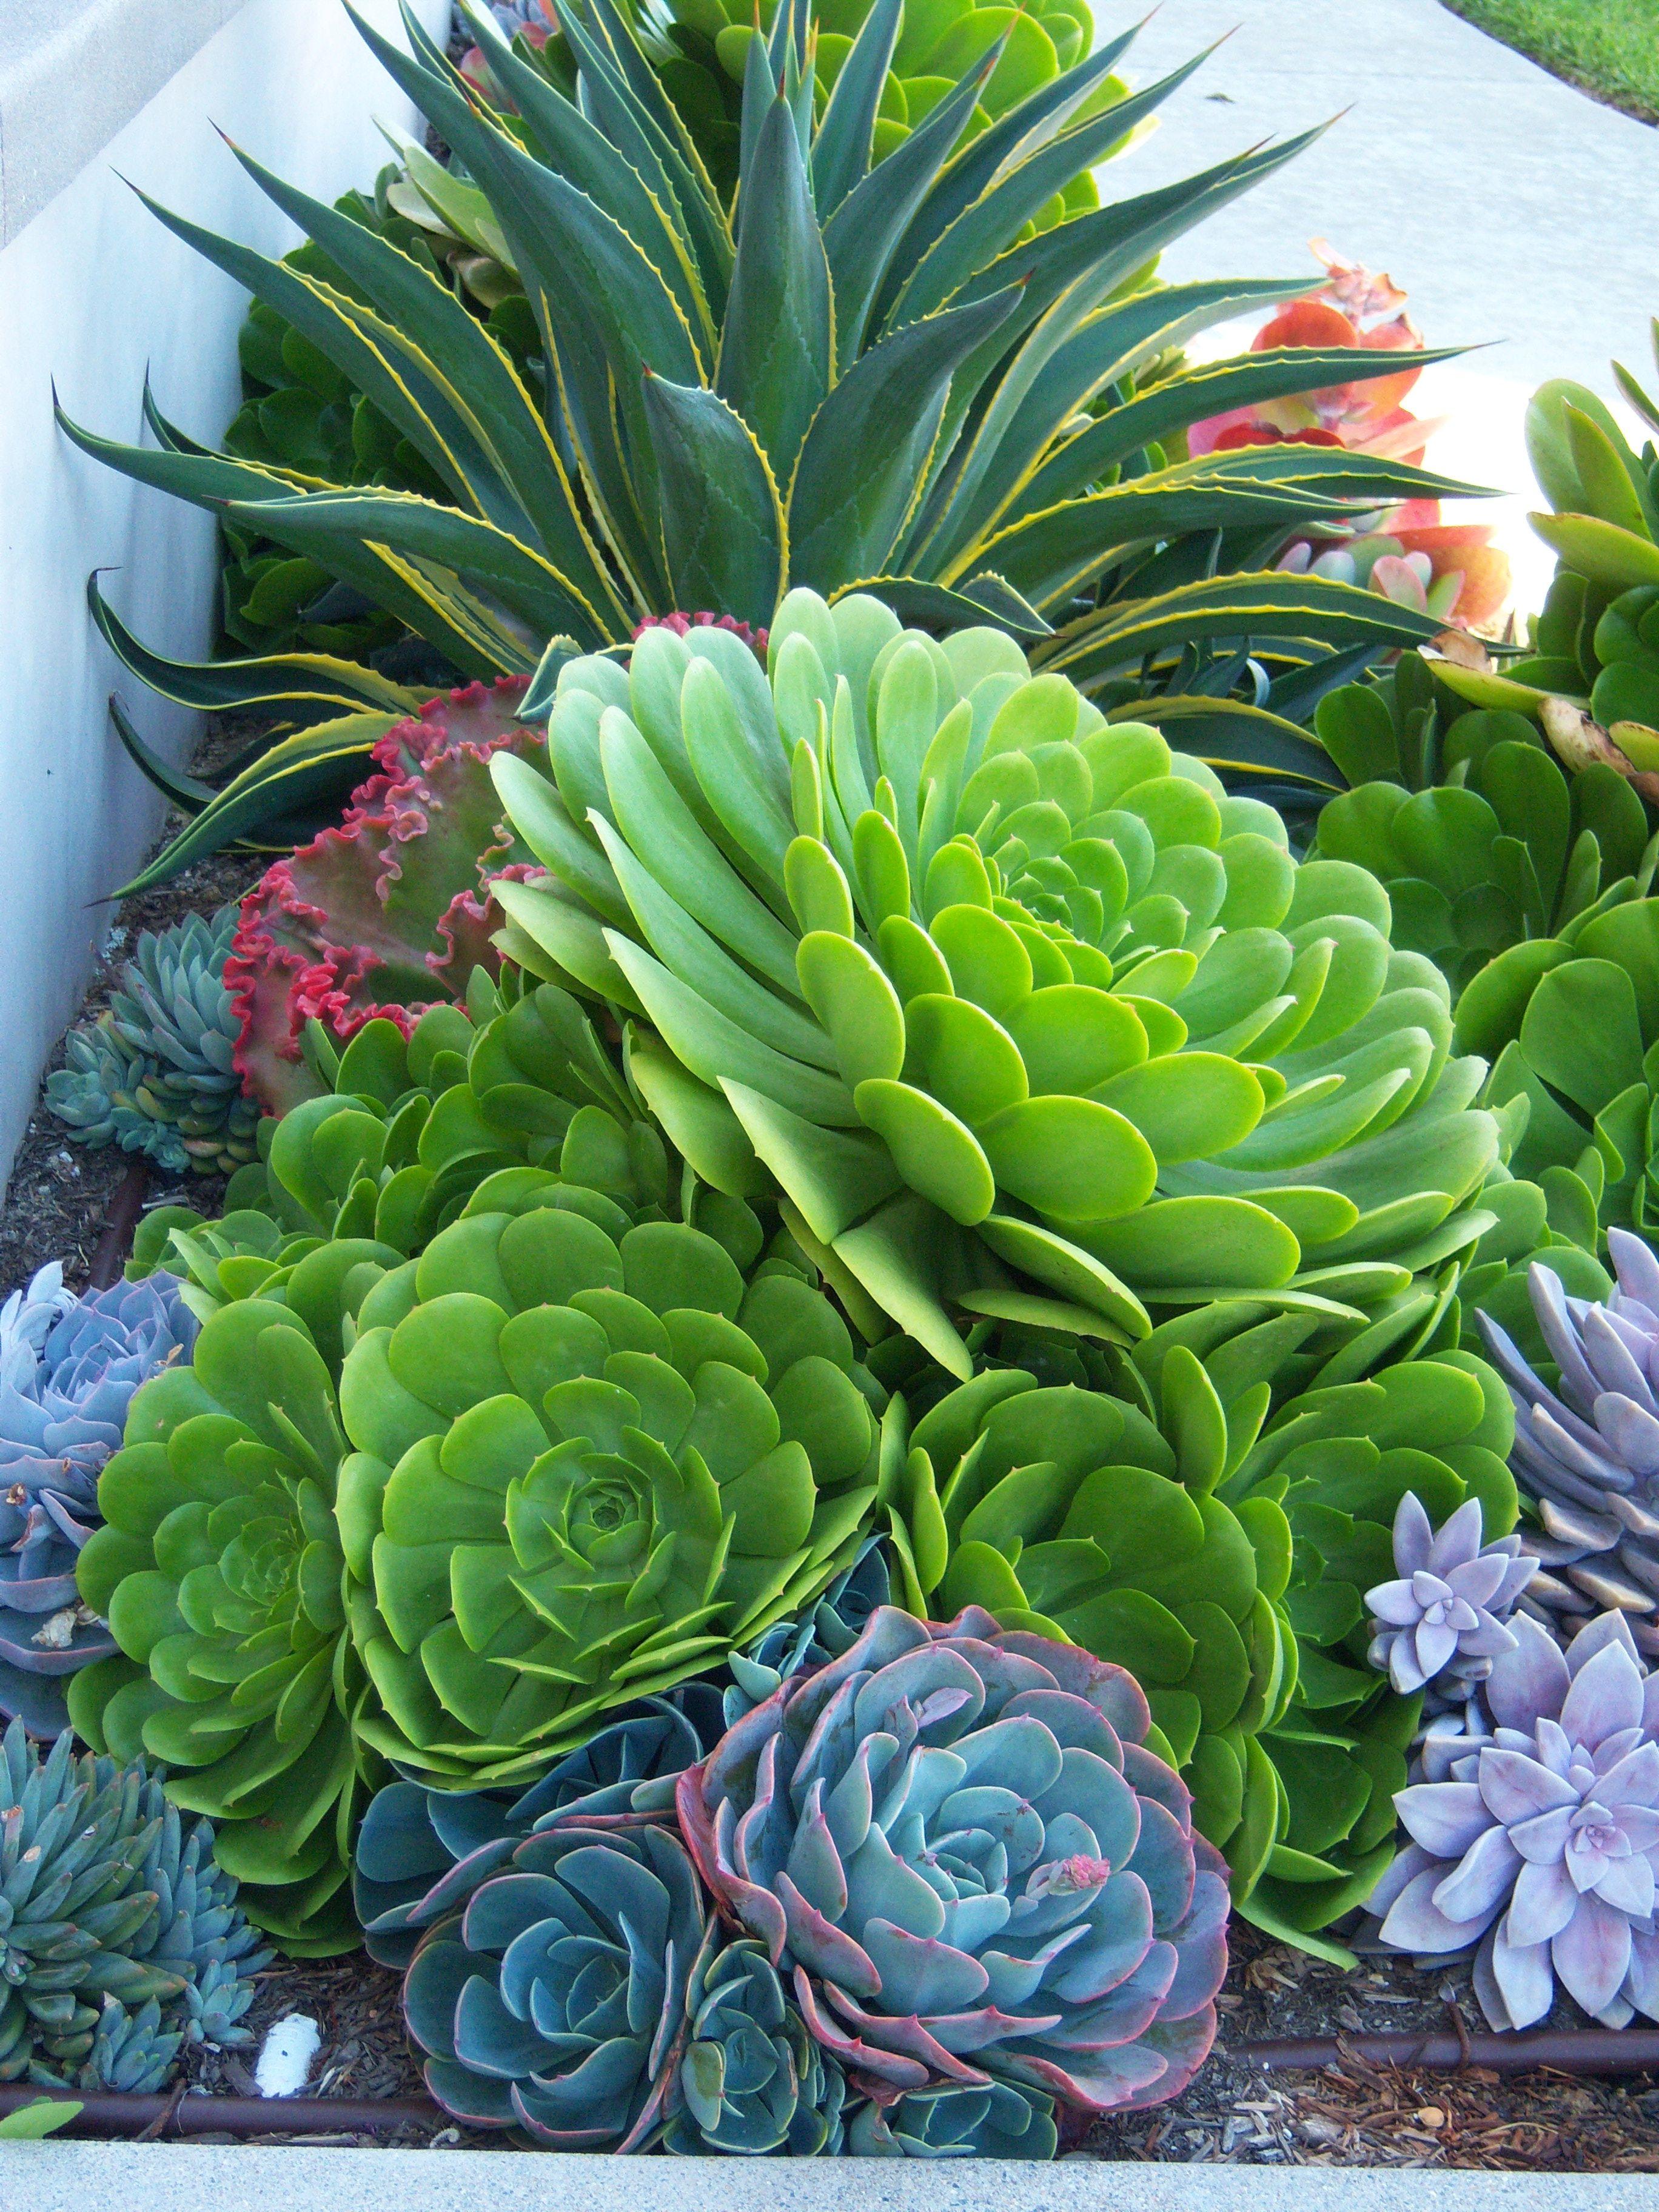 CA Friendly Http://rogersgardenslandscape.com